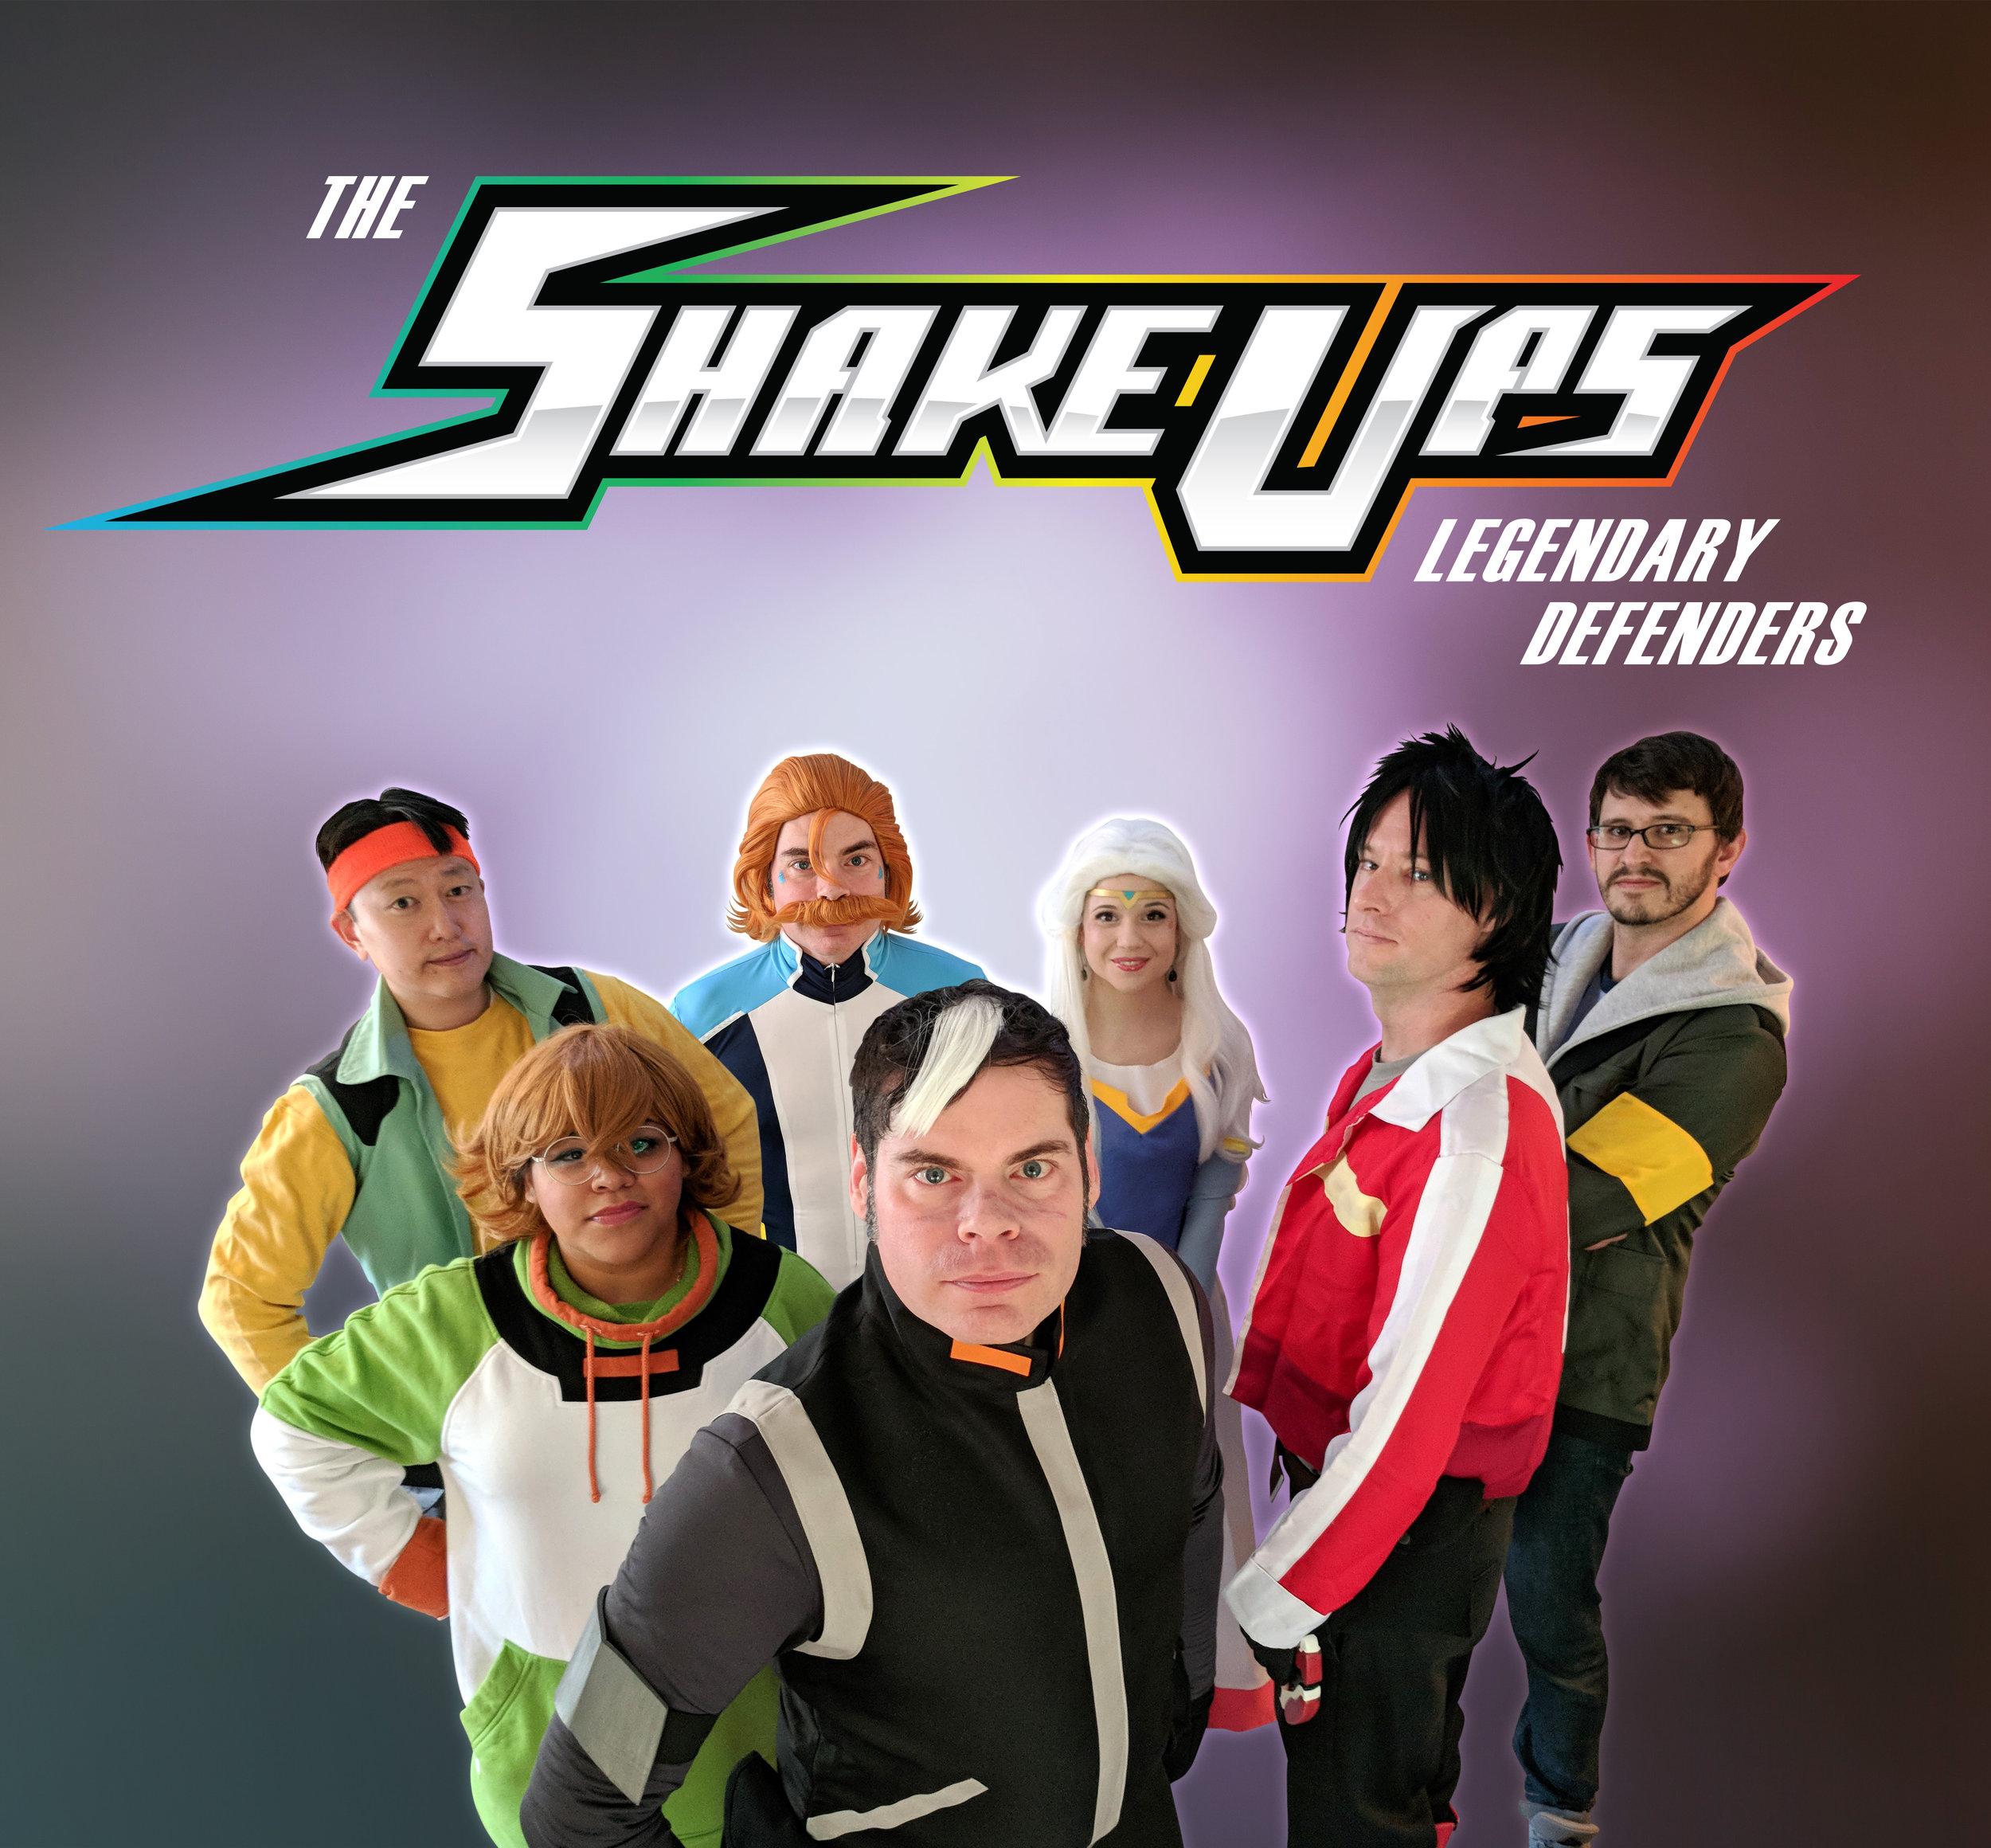 Shake Ups Legendary Defenders Band Promo 3.jpg